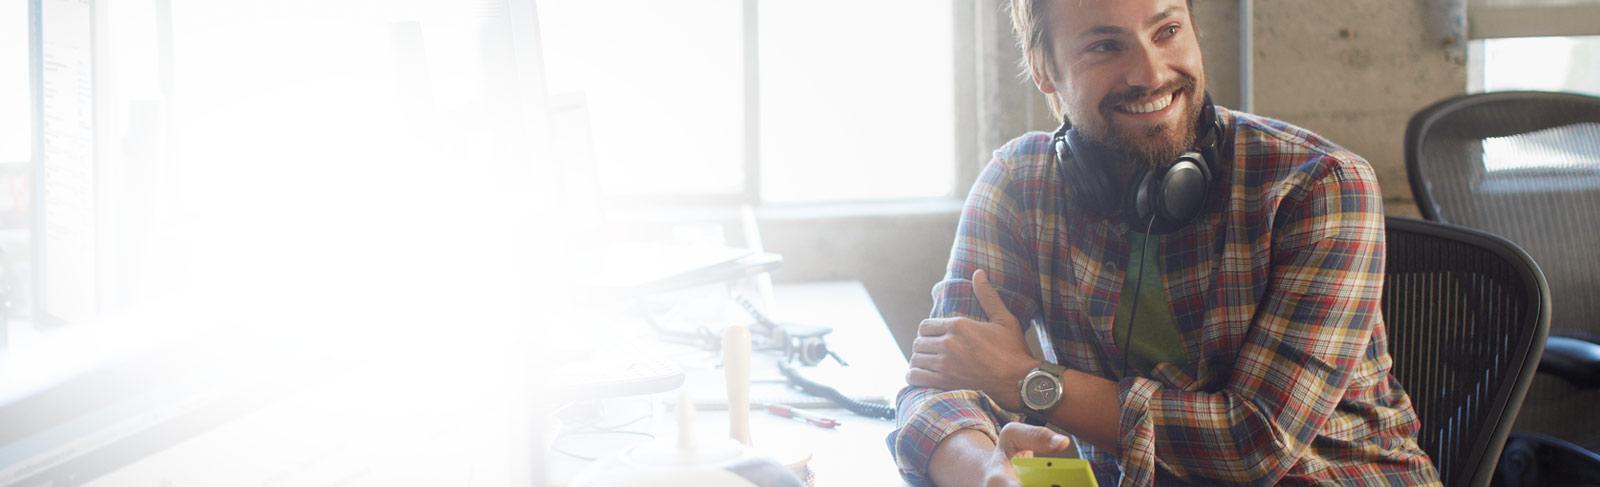 Seorang pria di mejanya memegang telepon, menggunakan Office 365 Enterprise E1.